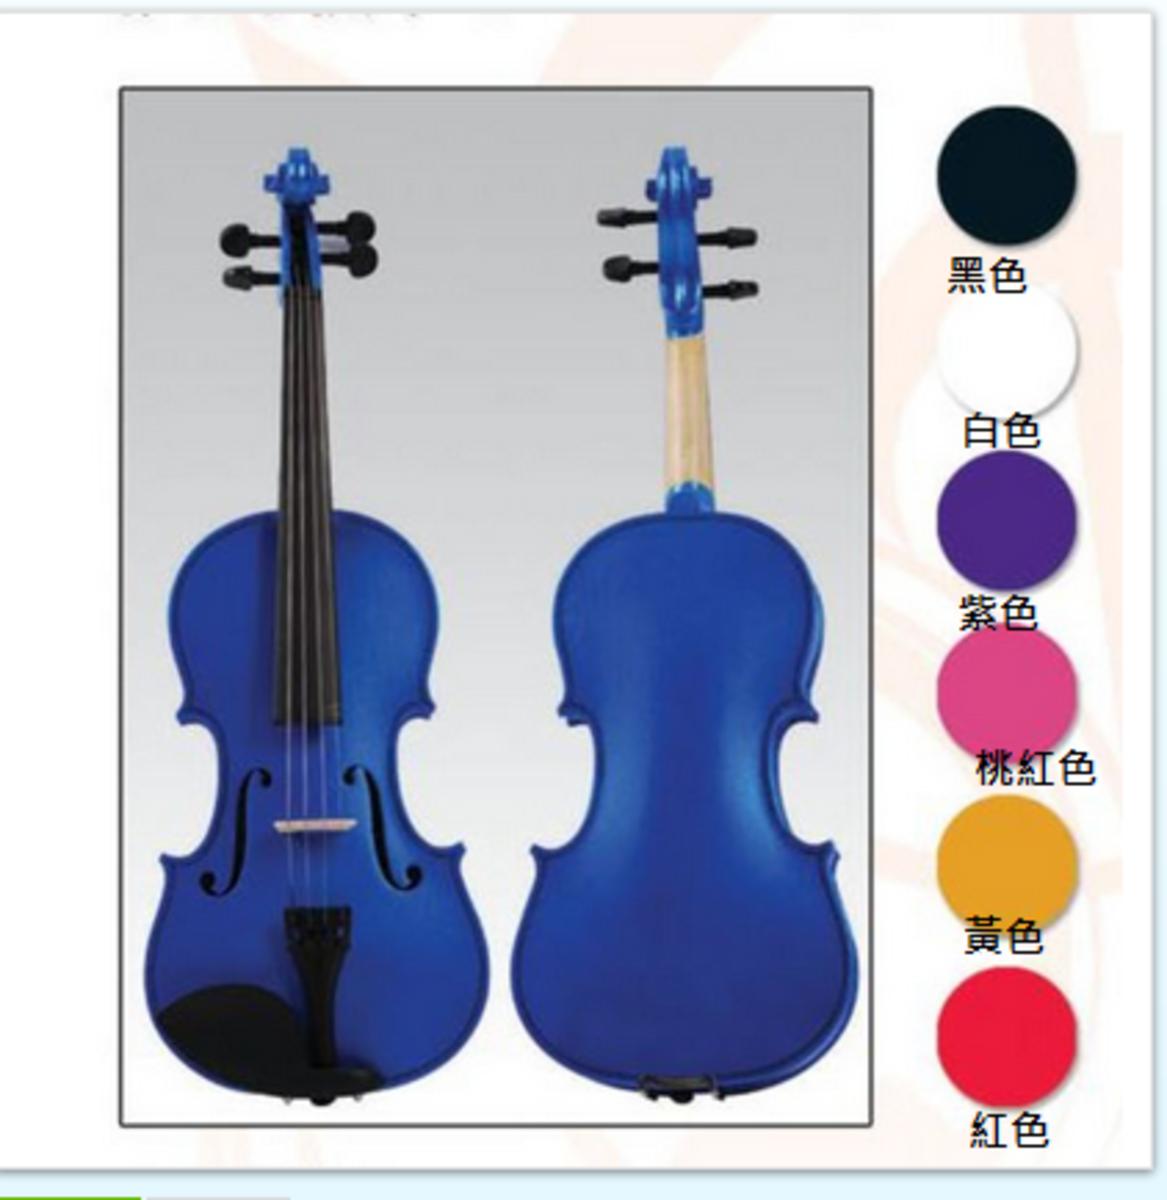 彩色小提琴